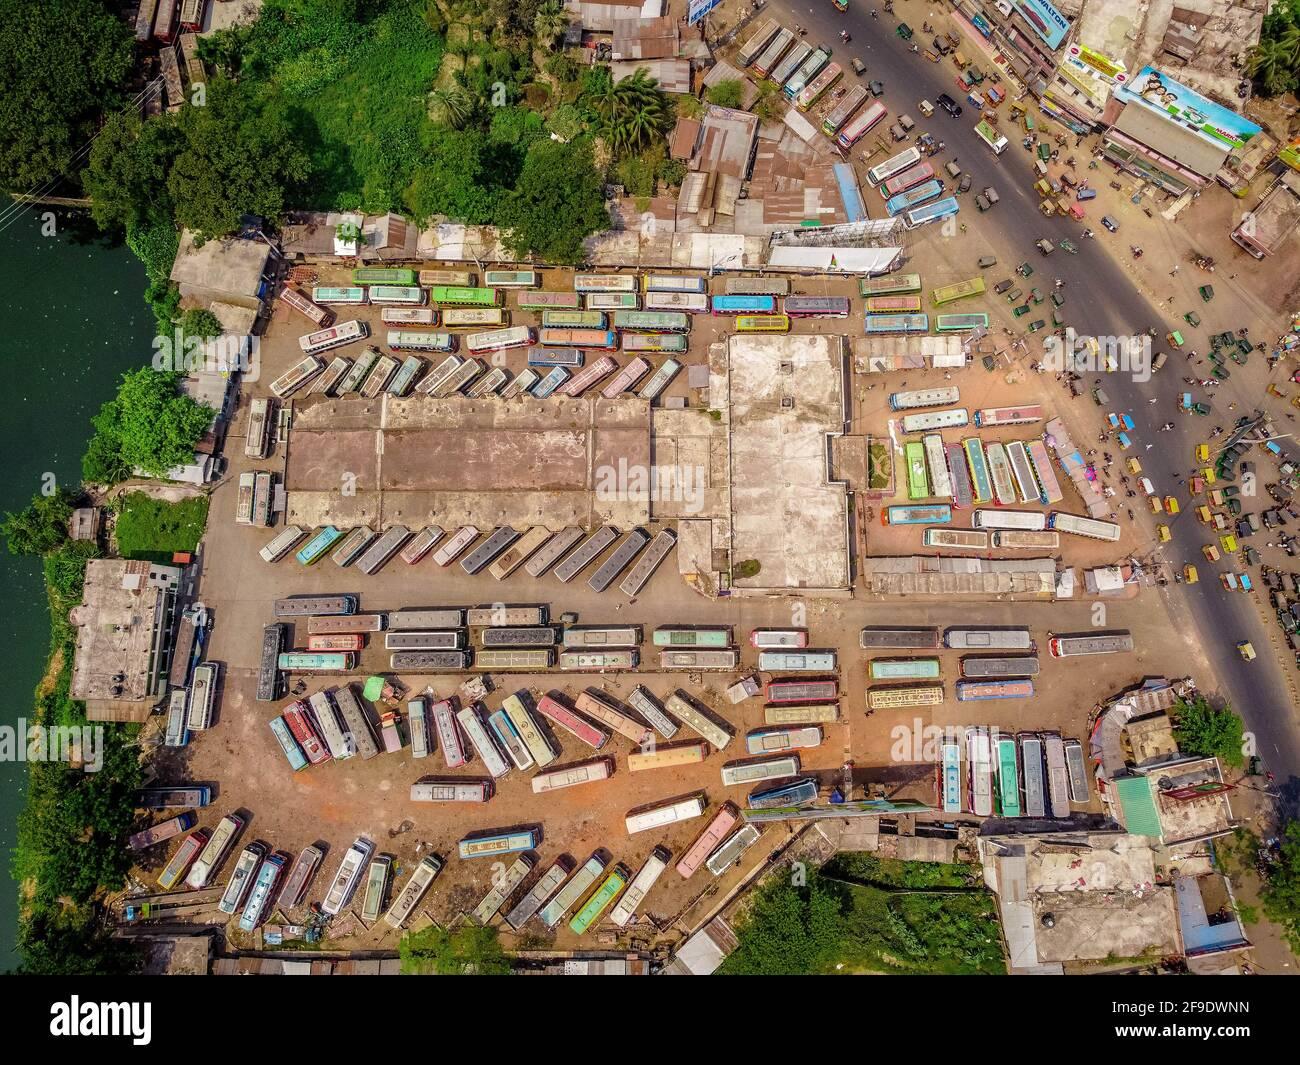 Barisal, Bangladesch. April 2021. Eine Luftaufnahme des Natullahbad Bus Terminals in Barisal, da die Busse während einer strikten Sperre, die von den Behörden von Bangladesch zur Bekämpfung der Ausbreitung des Covid-19-Coronavirus in Barisal durchgesetzt wurde, weiterhin geparkt bleiben. (Foto: Mustasinur Rahman Alvi/Pacific Press) Quelle: Pacific Press Media Production Corp./Alamy Live News Stockfoto